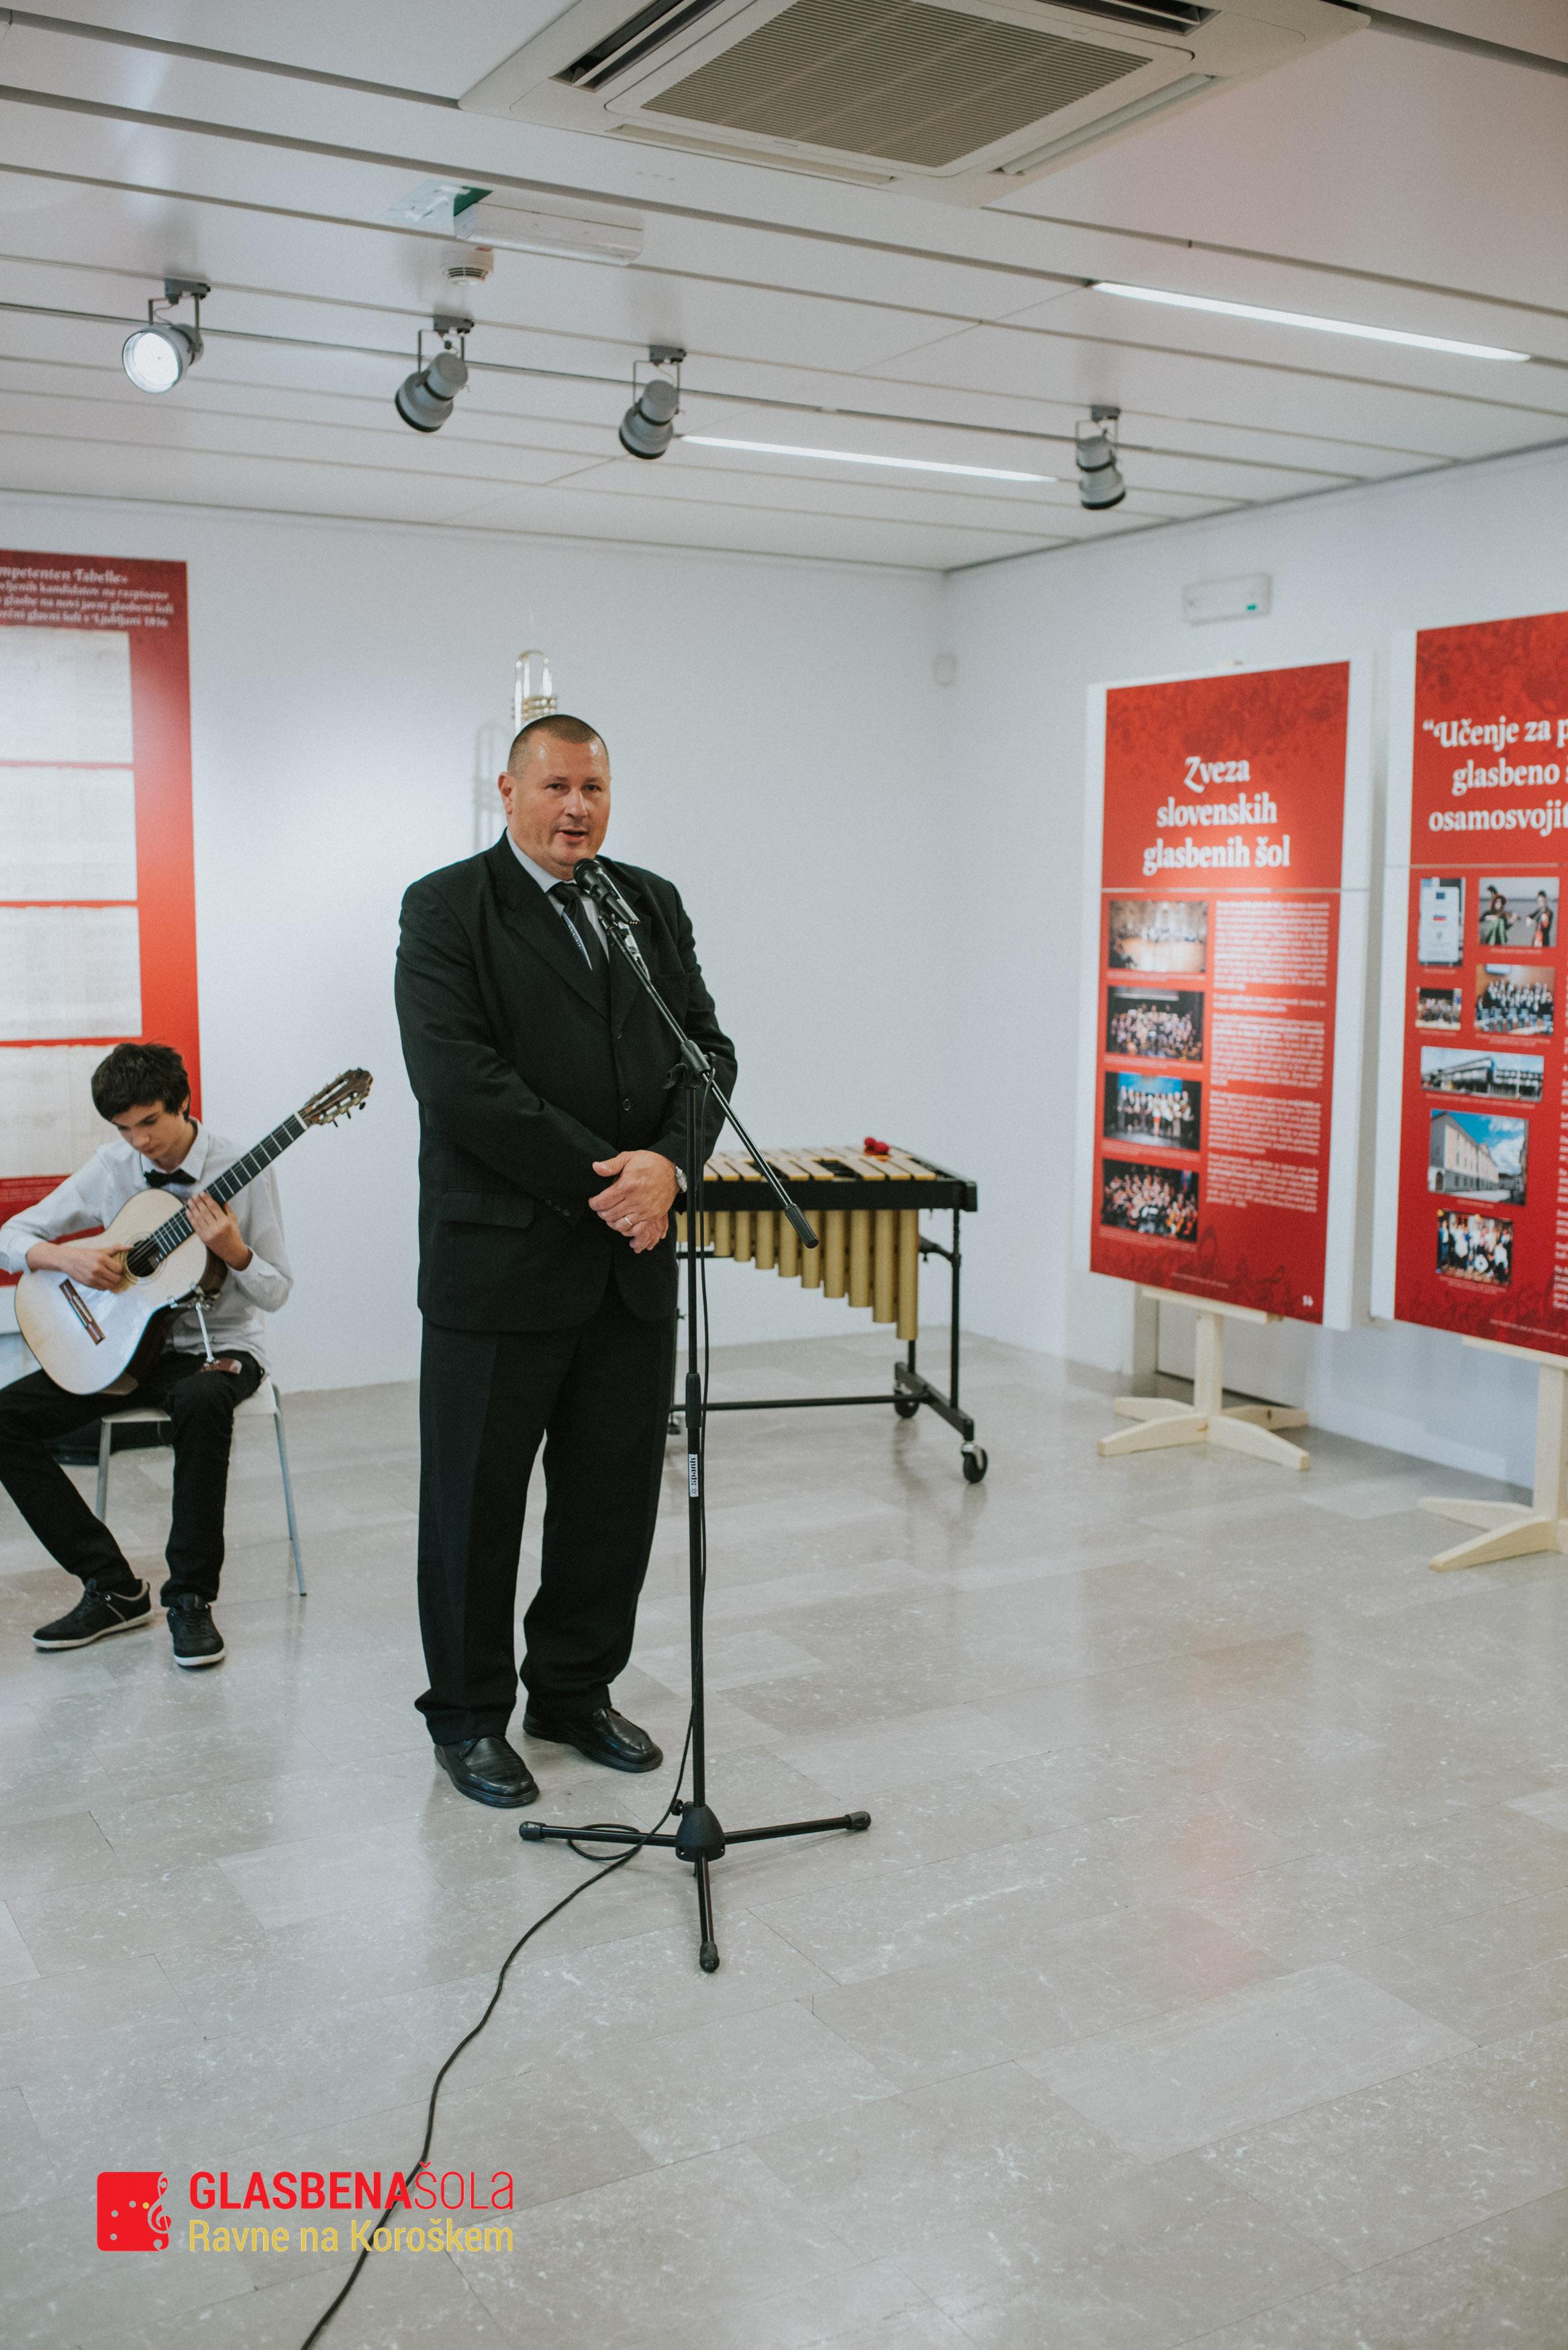 200-let-glasbenega-c5a1olstva-13